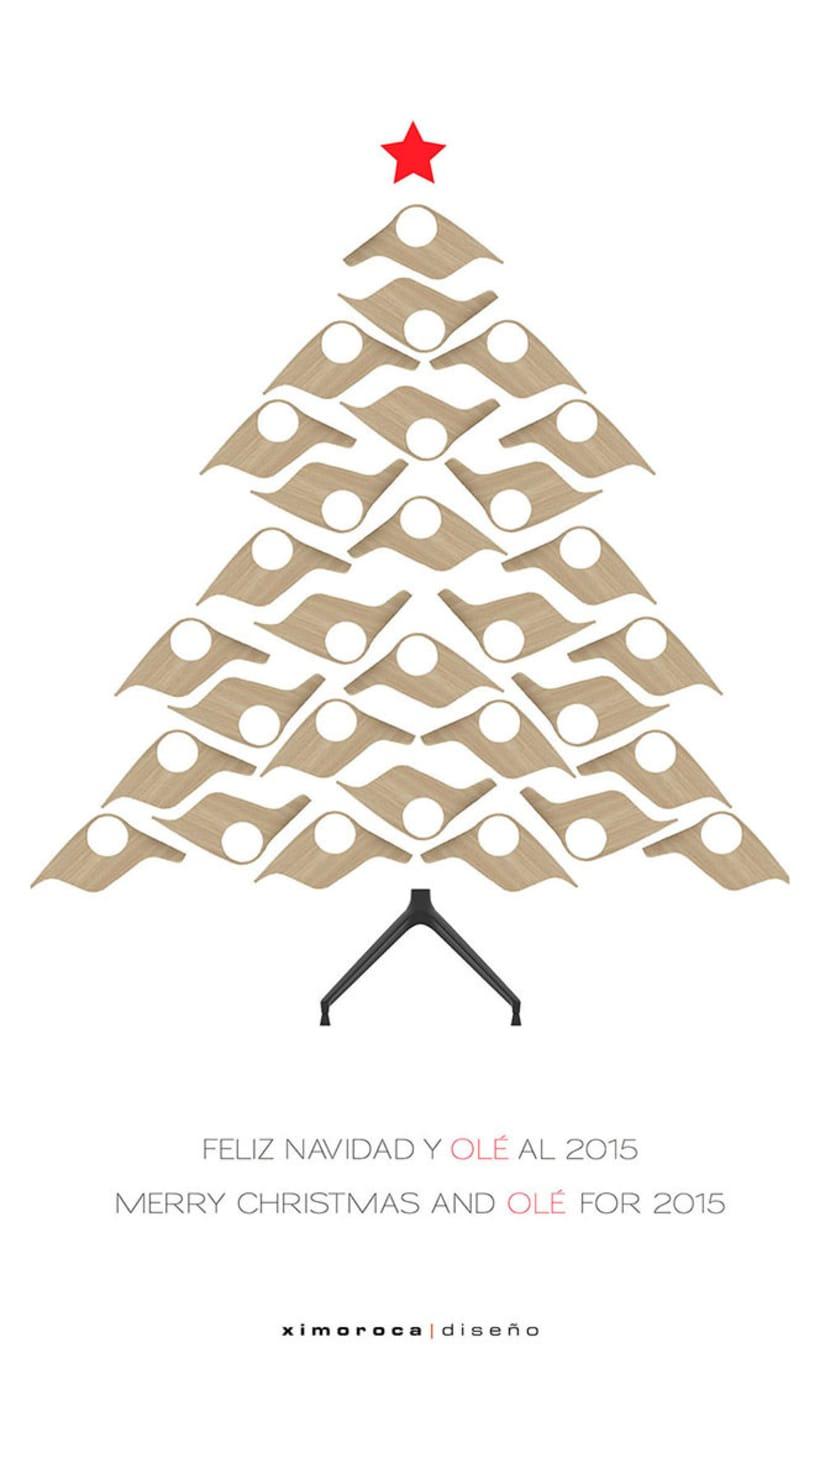 Felicitación de Navidad Ximo Roca Diseño 1